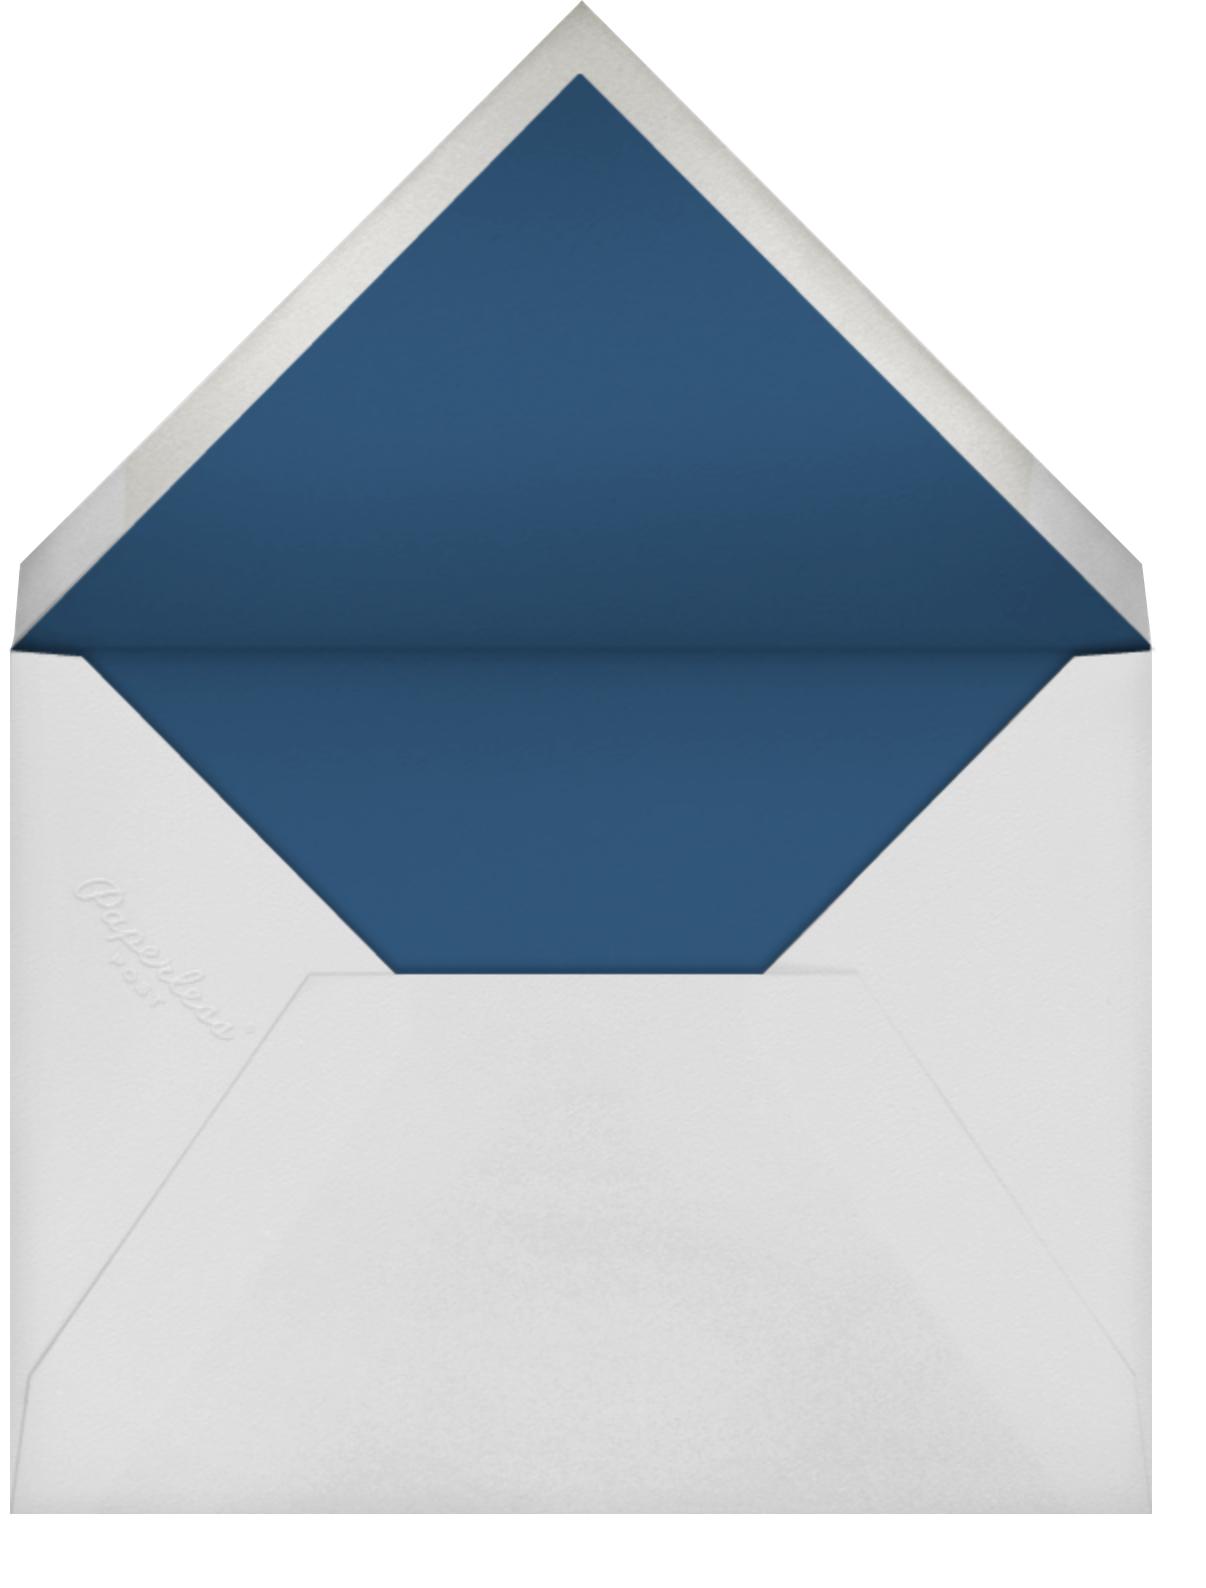 Jerusalem (Stationery) - Paperless Post - Personalized stationery - envelope back